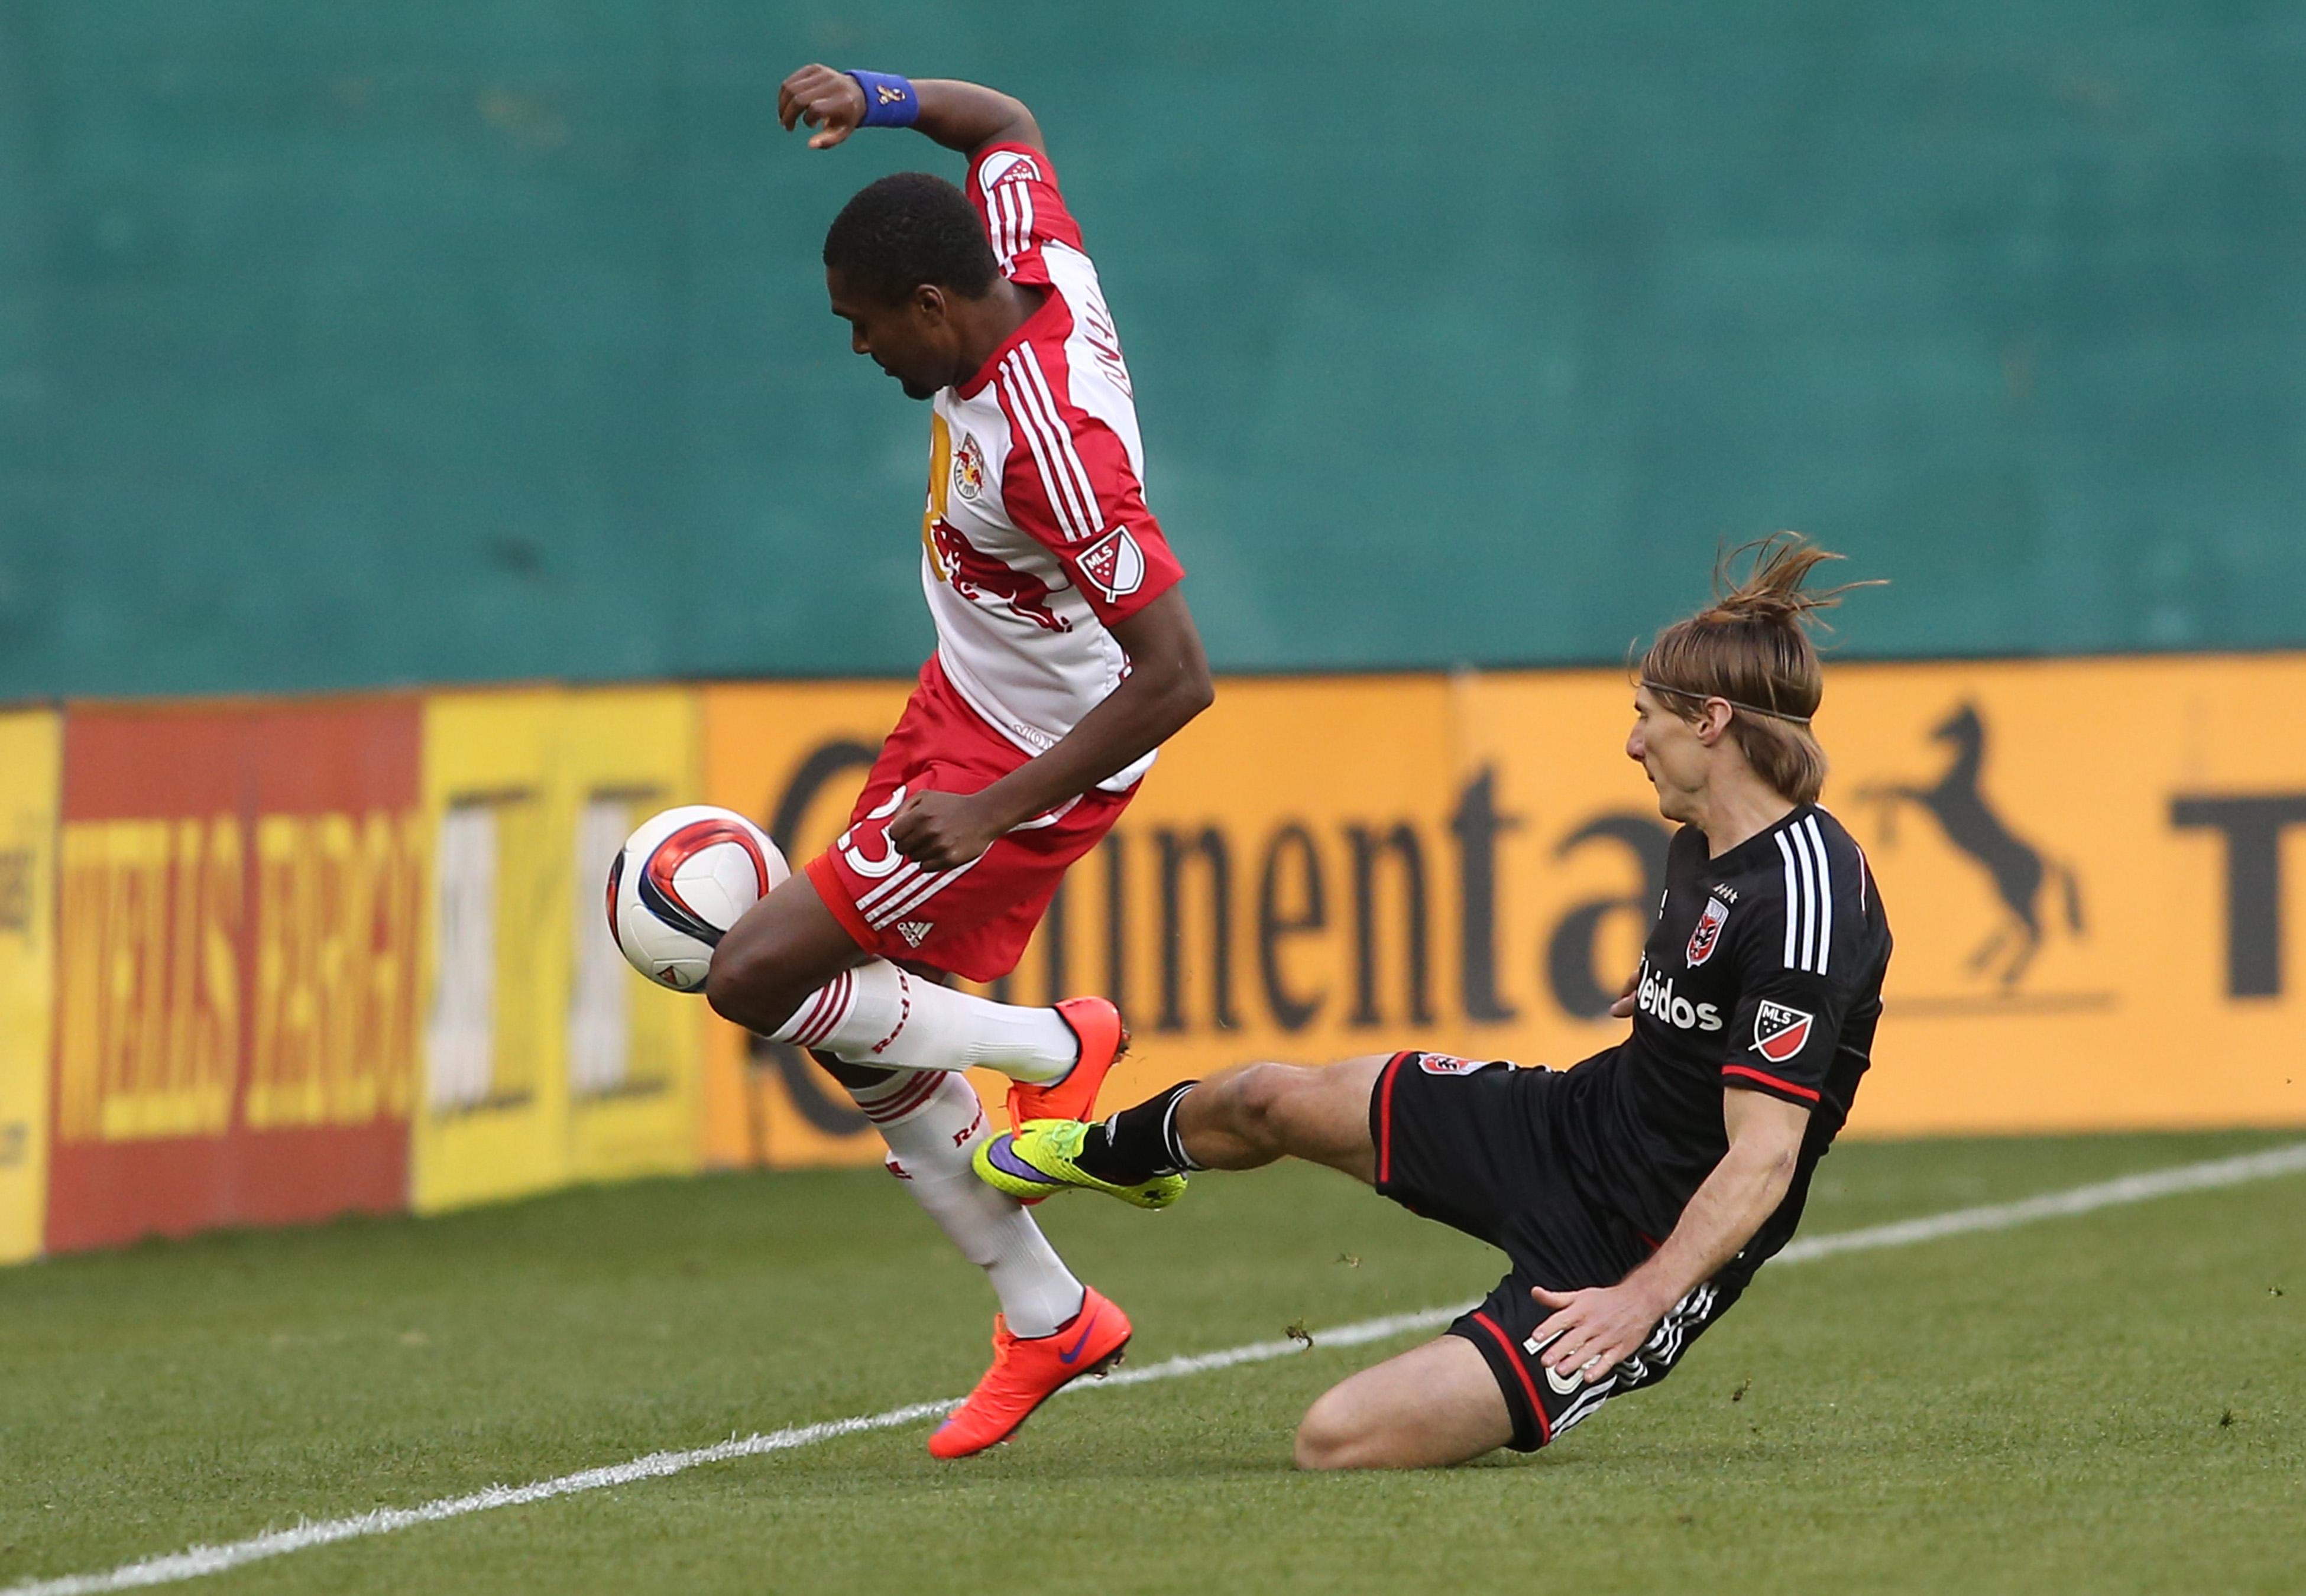 SOCCER: APR 11 MLS - Redbulls at United